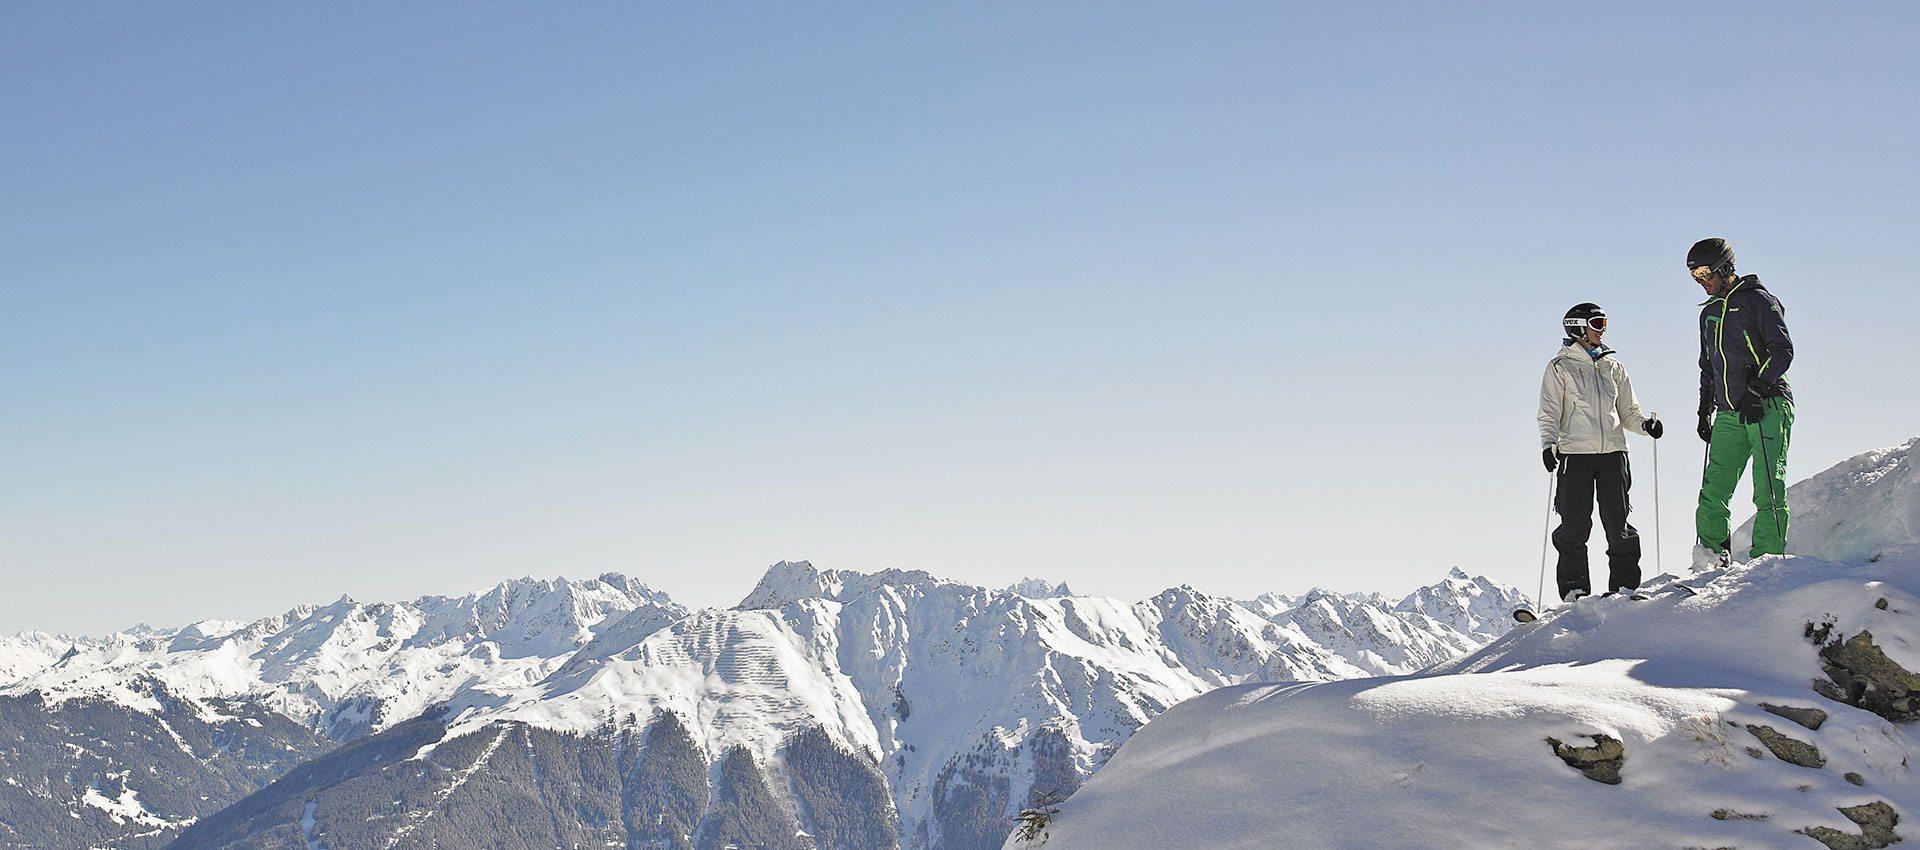 Winter-Angebote im Montafon, Vorarlberg